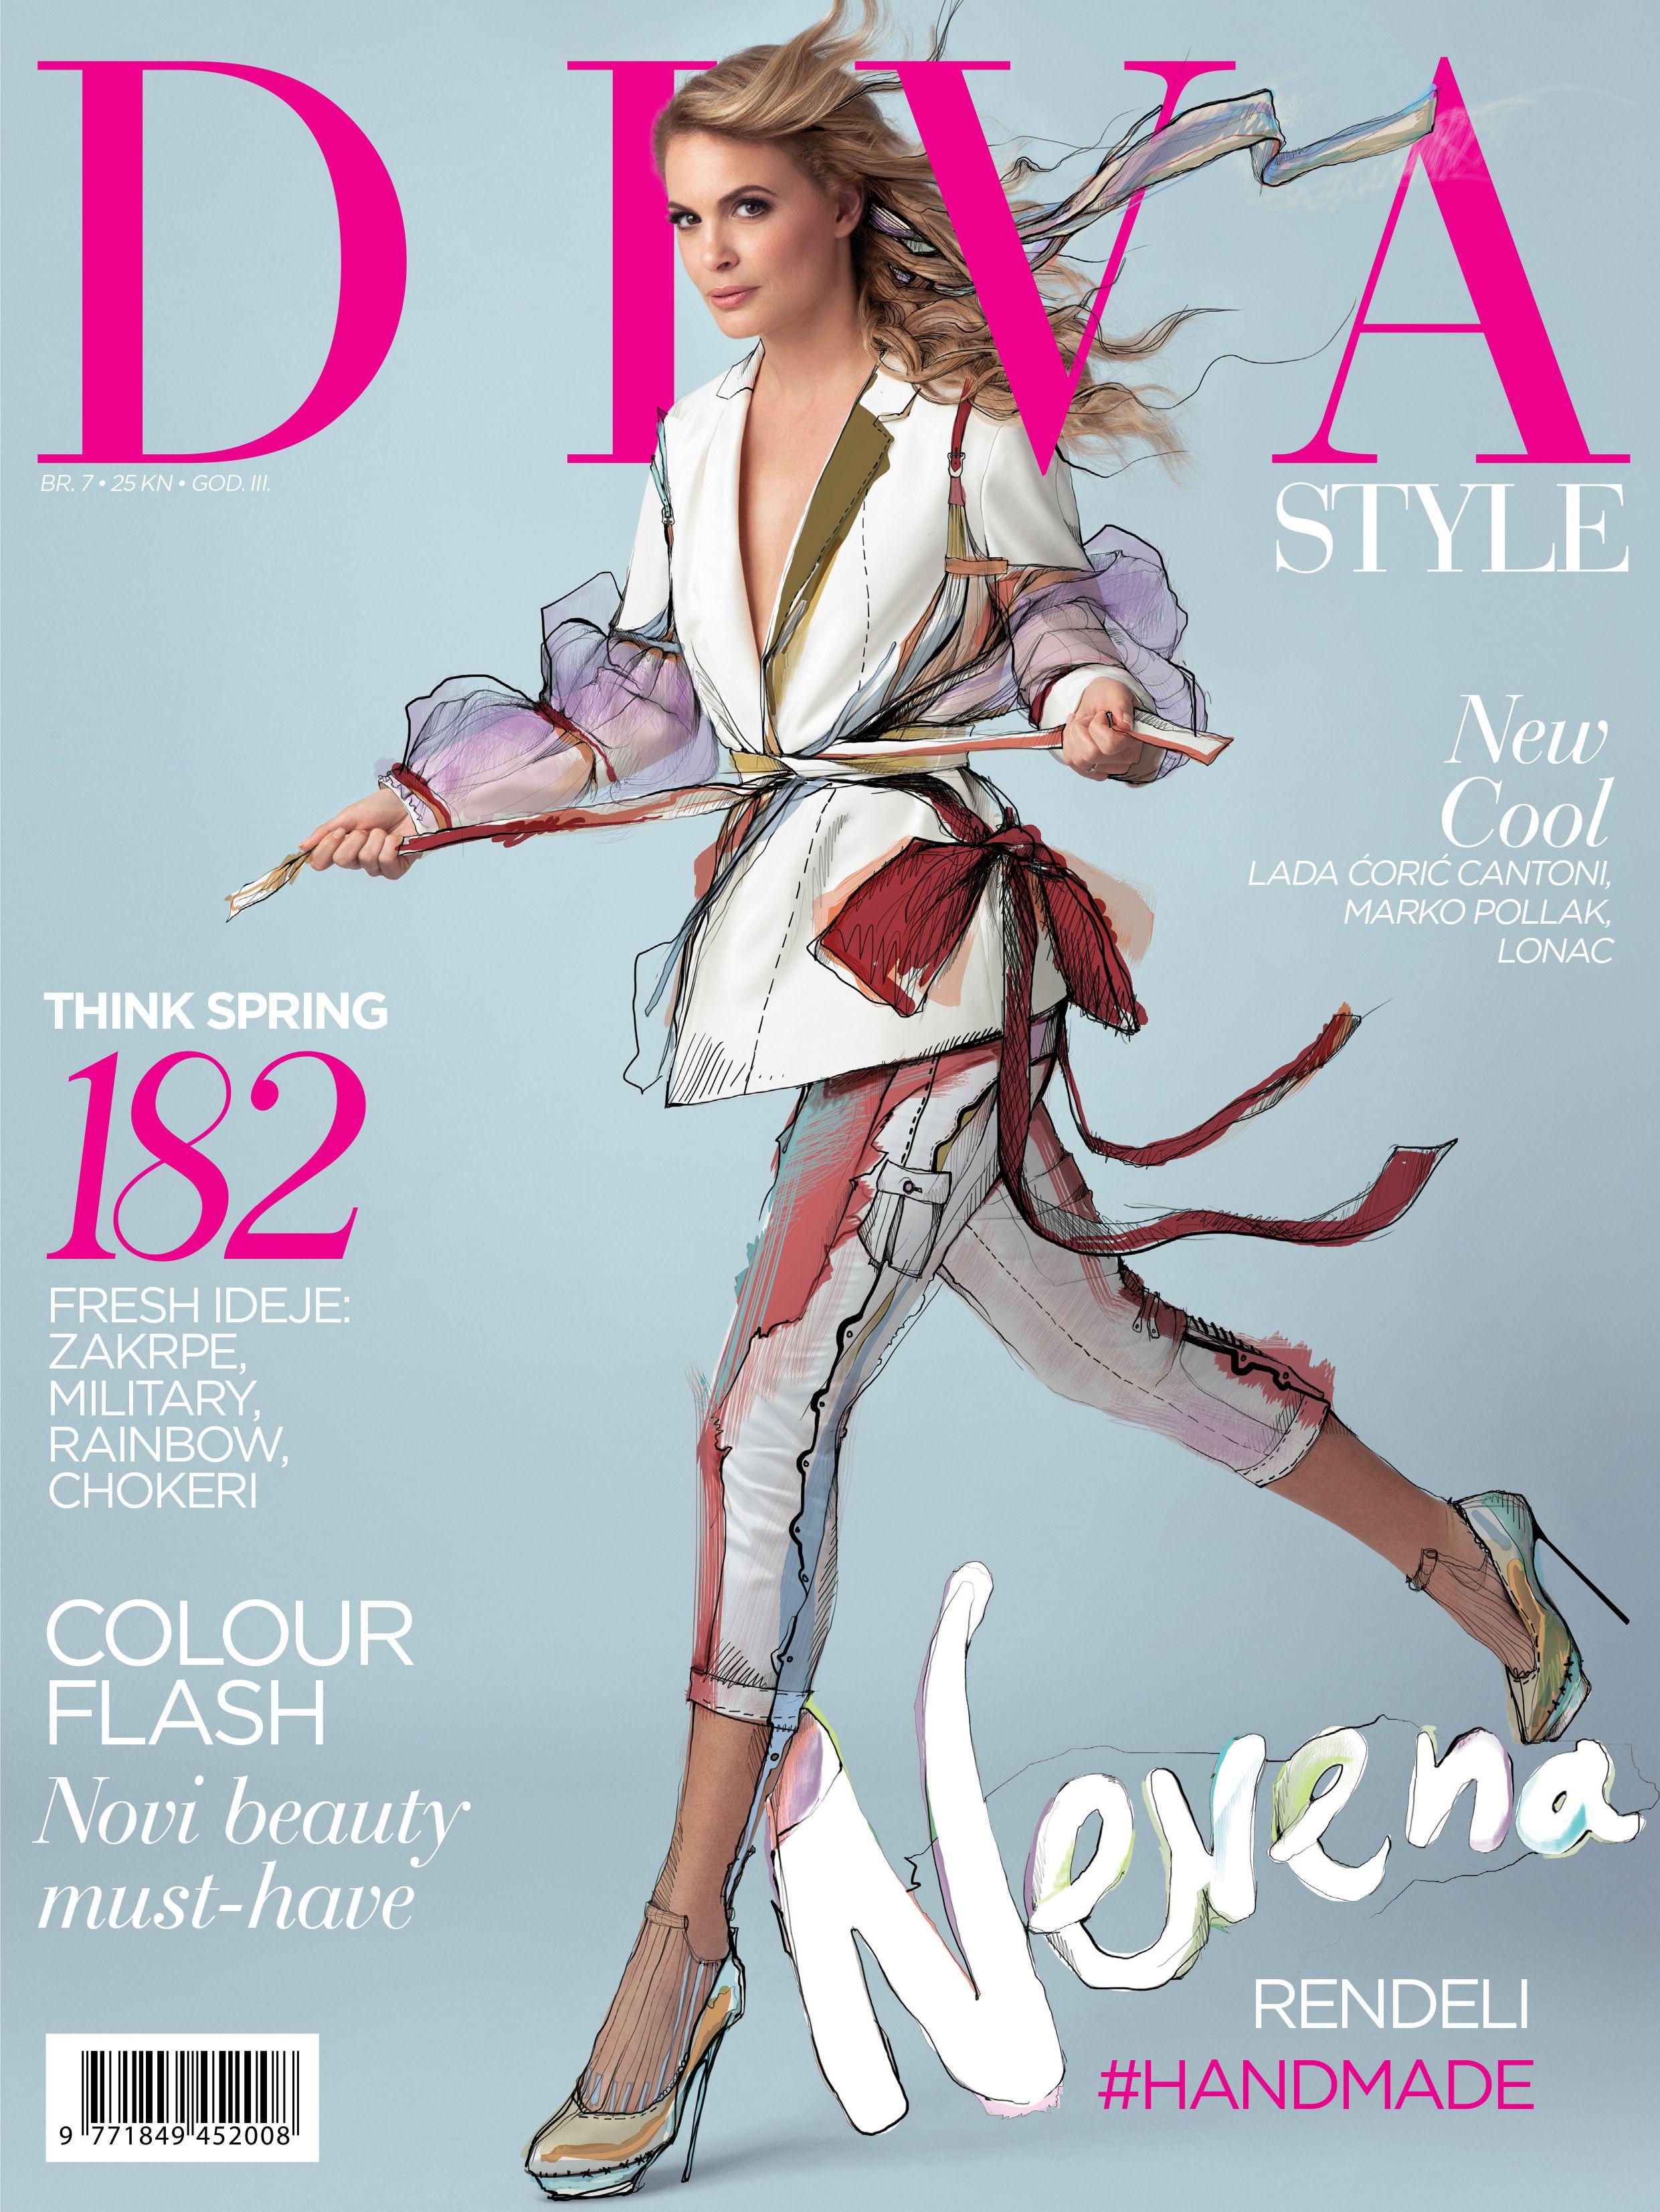 Nova Diva STYLE: TWOS, torbe koje žele svi!